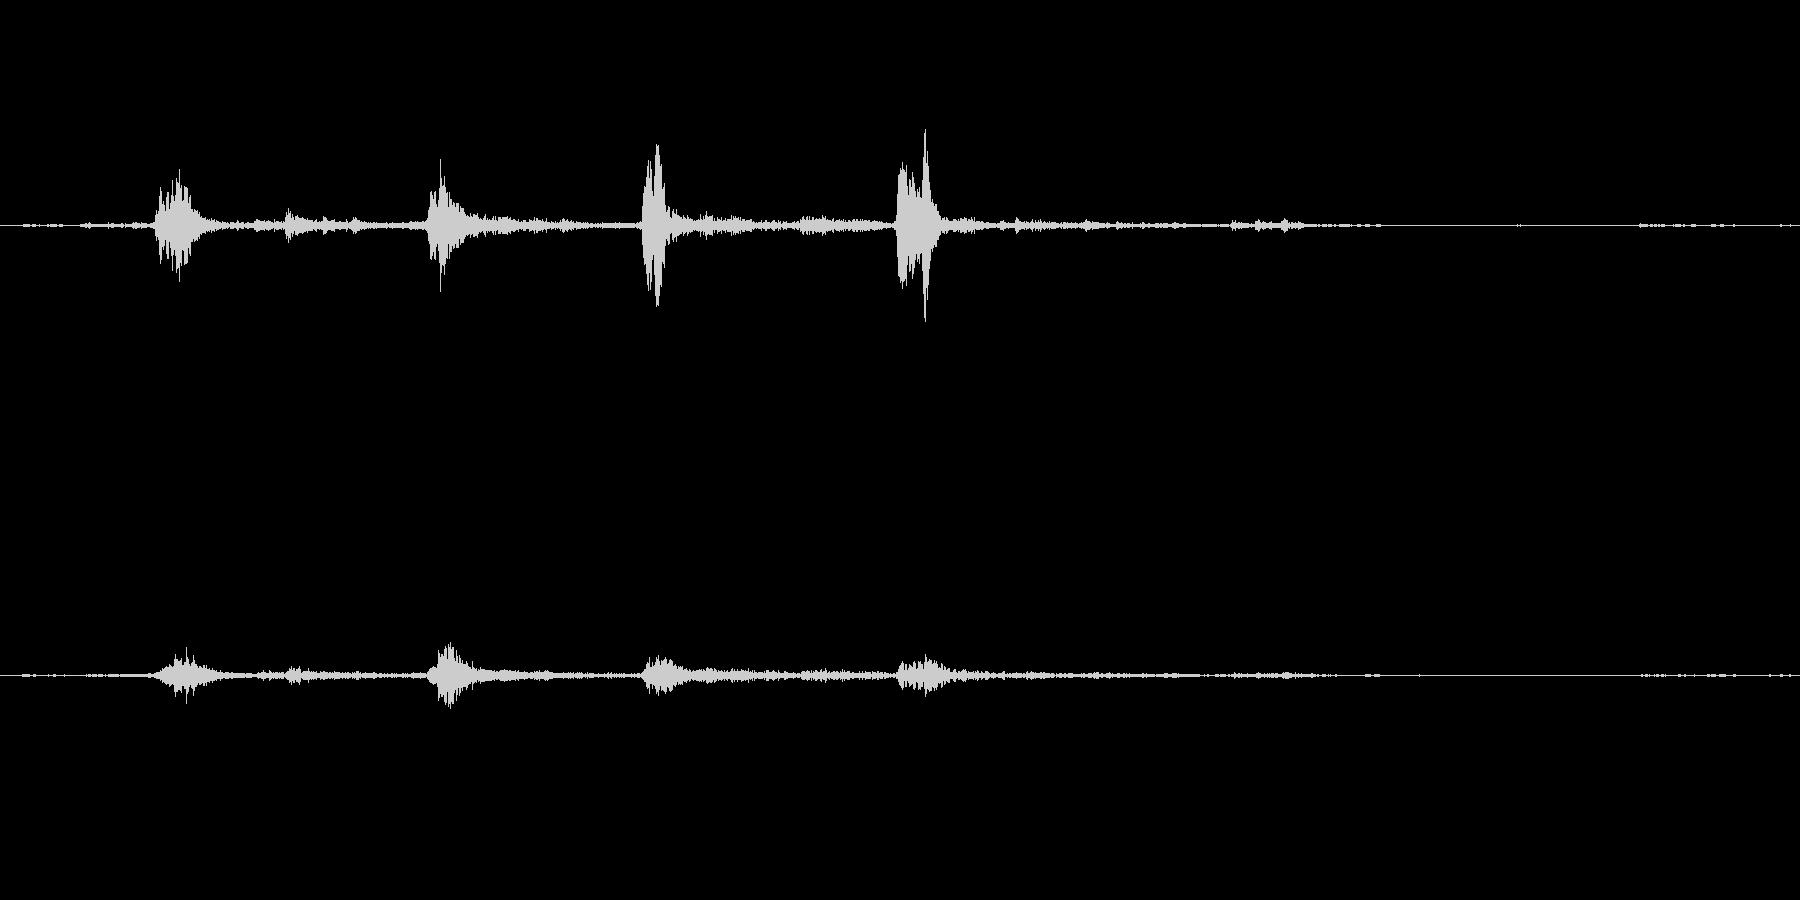 ガラガラ(玄関を開ける音)の未再生の波形